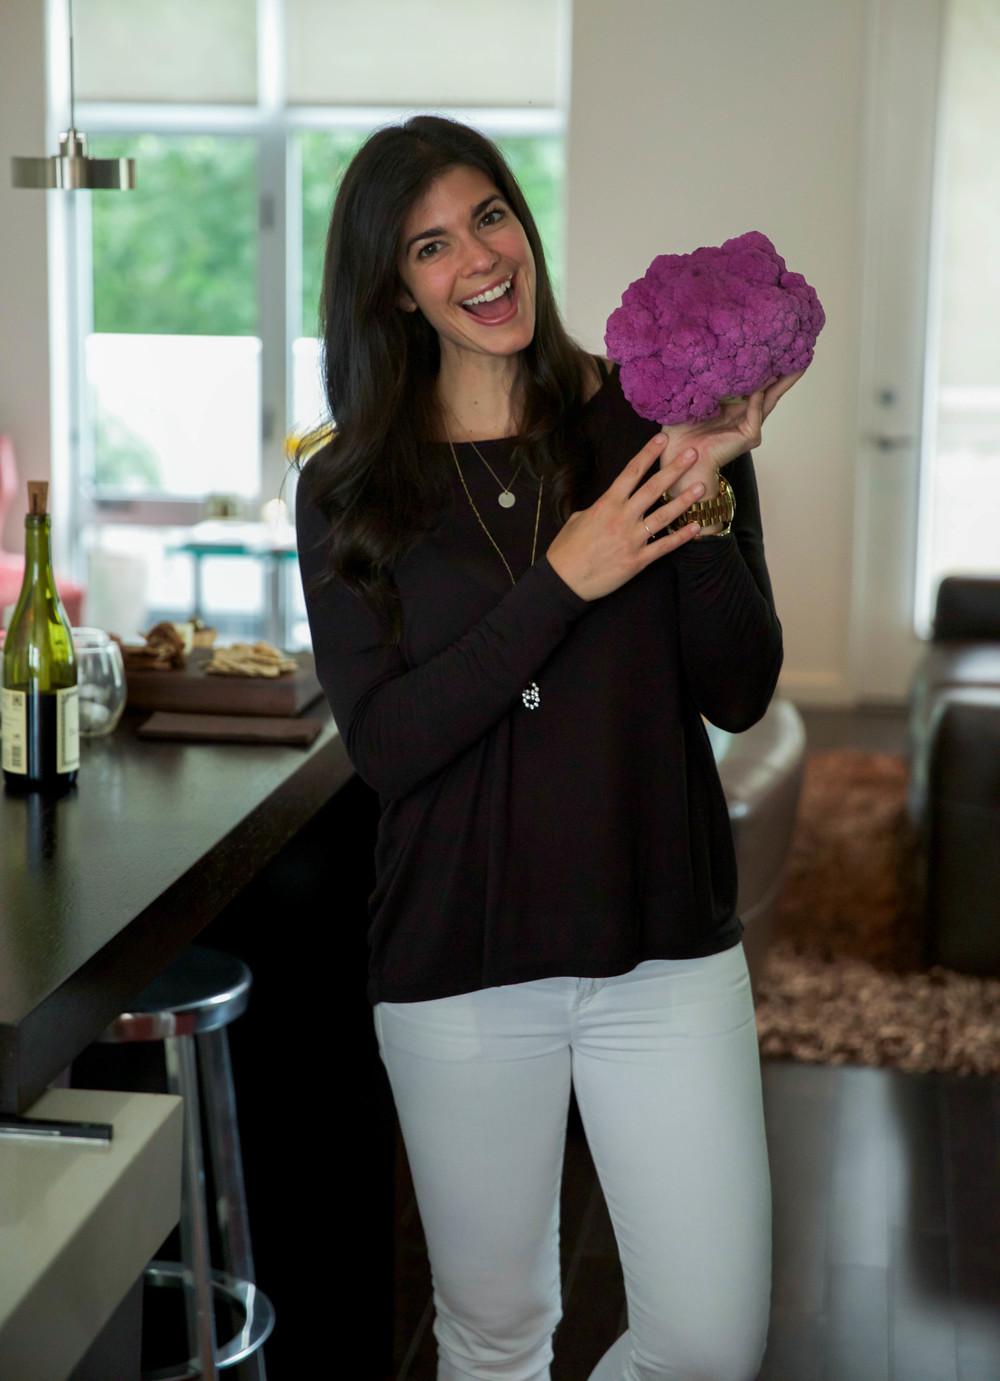 Purple-Cauliflower-Lauren-Schwaiger-Healthy-Life-Style-Blog.jpg